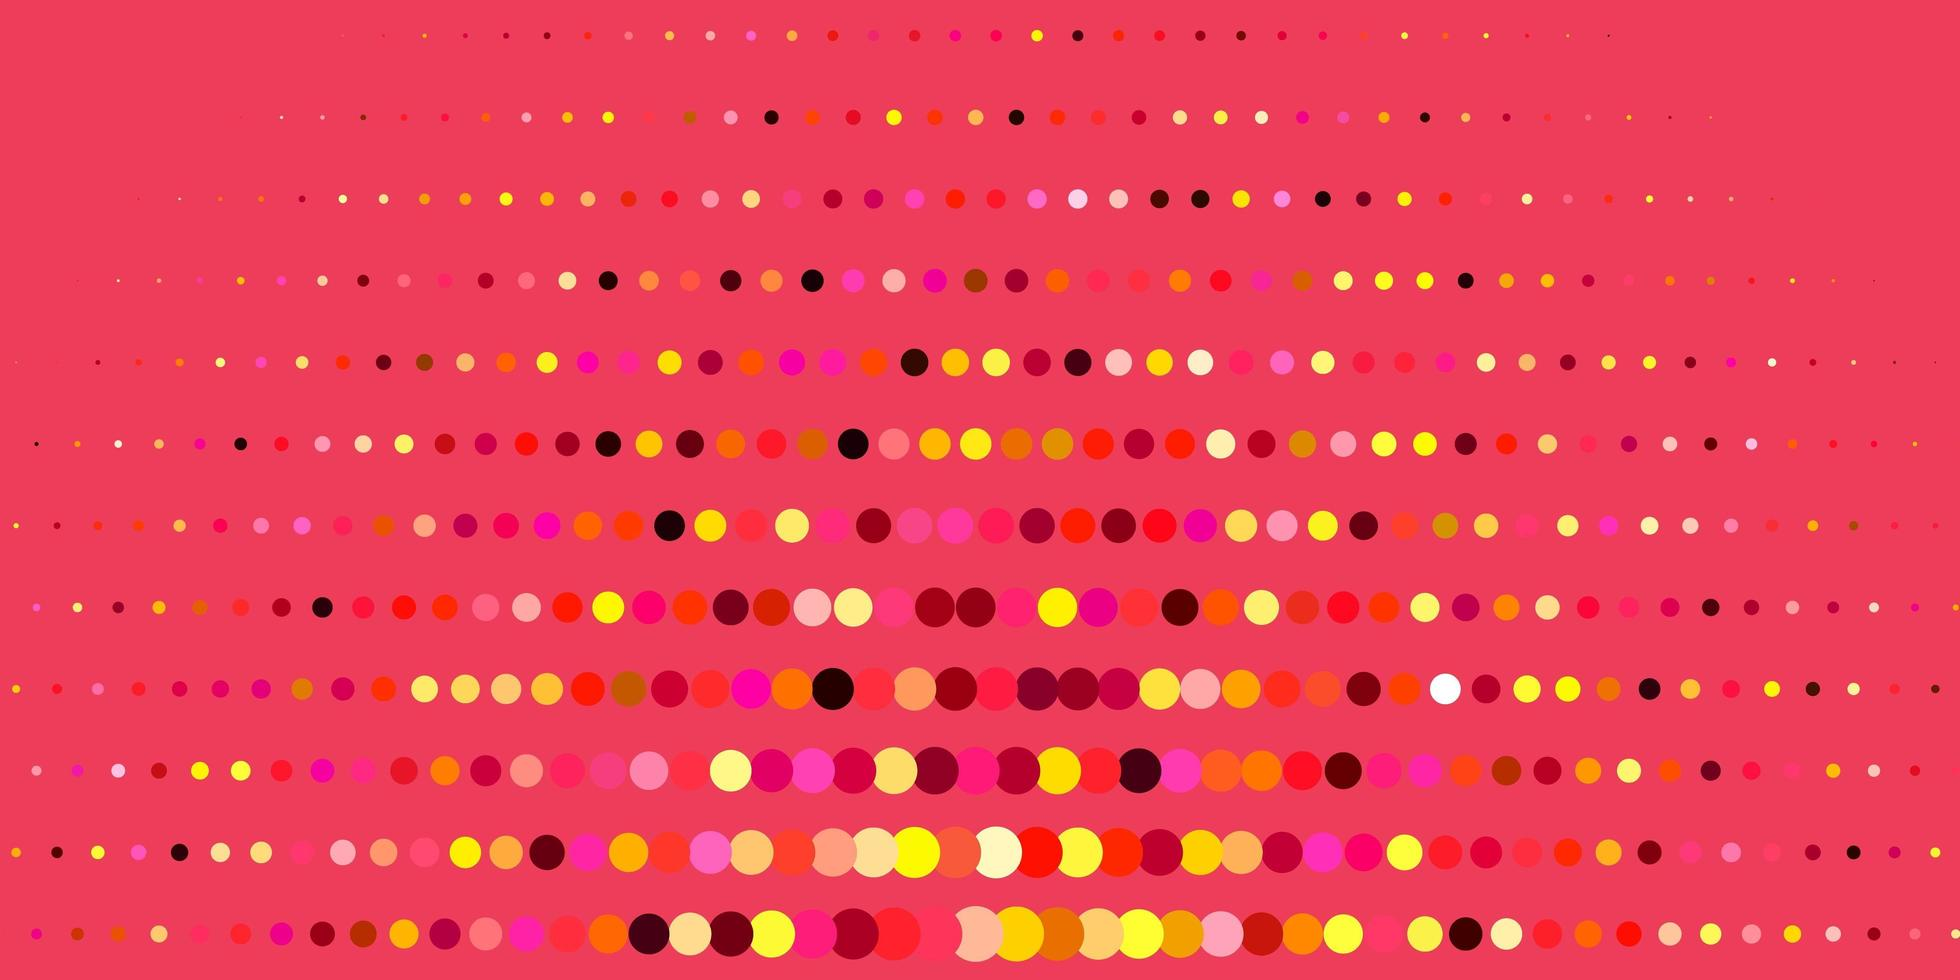 modelo de vetor rosa escuro, amarelo com círculos